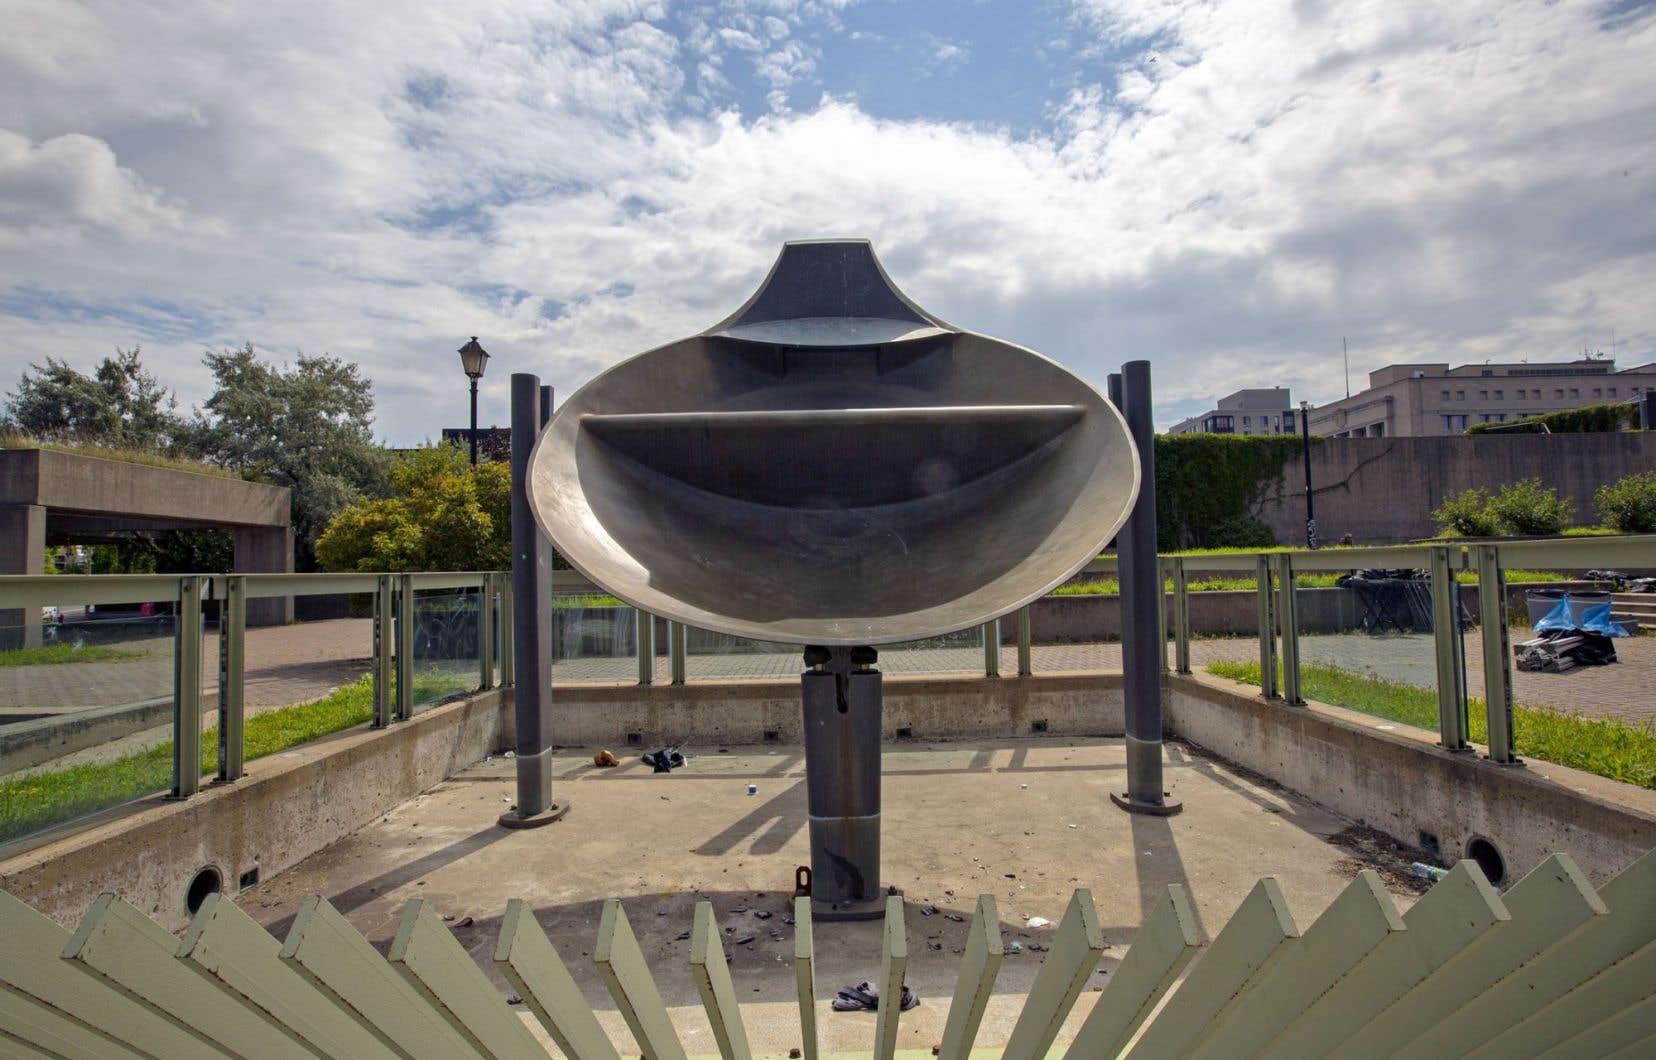 «Mastodo», de Charles Daudelin. La proposition de déménager la fontaine ne tient pas compte du fait qu'elle s'insère dans un ensemble conçu par l'artiste.